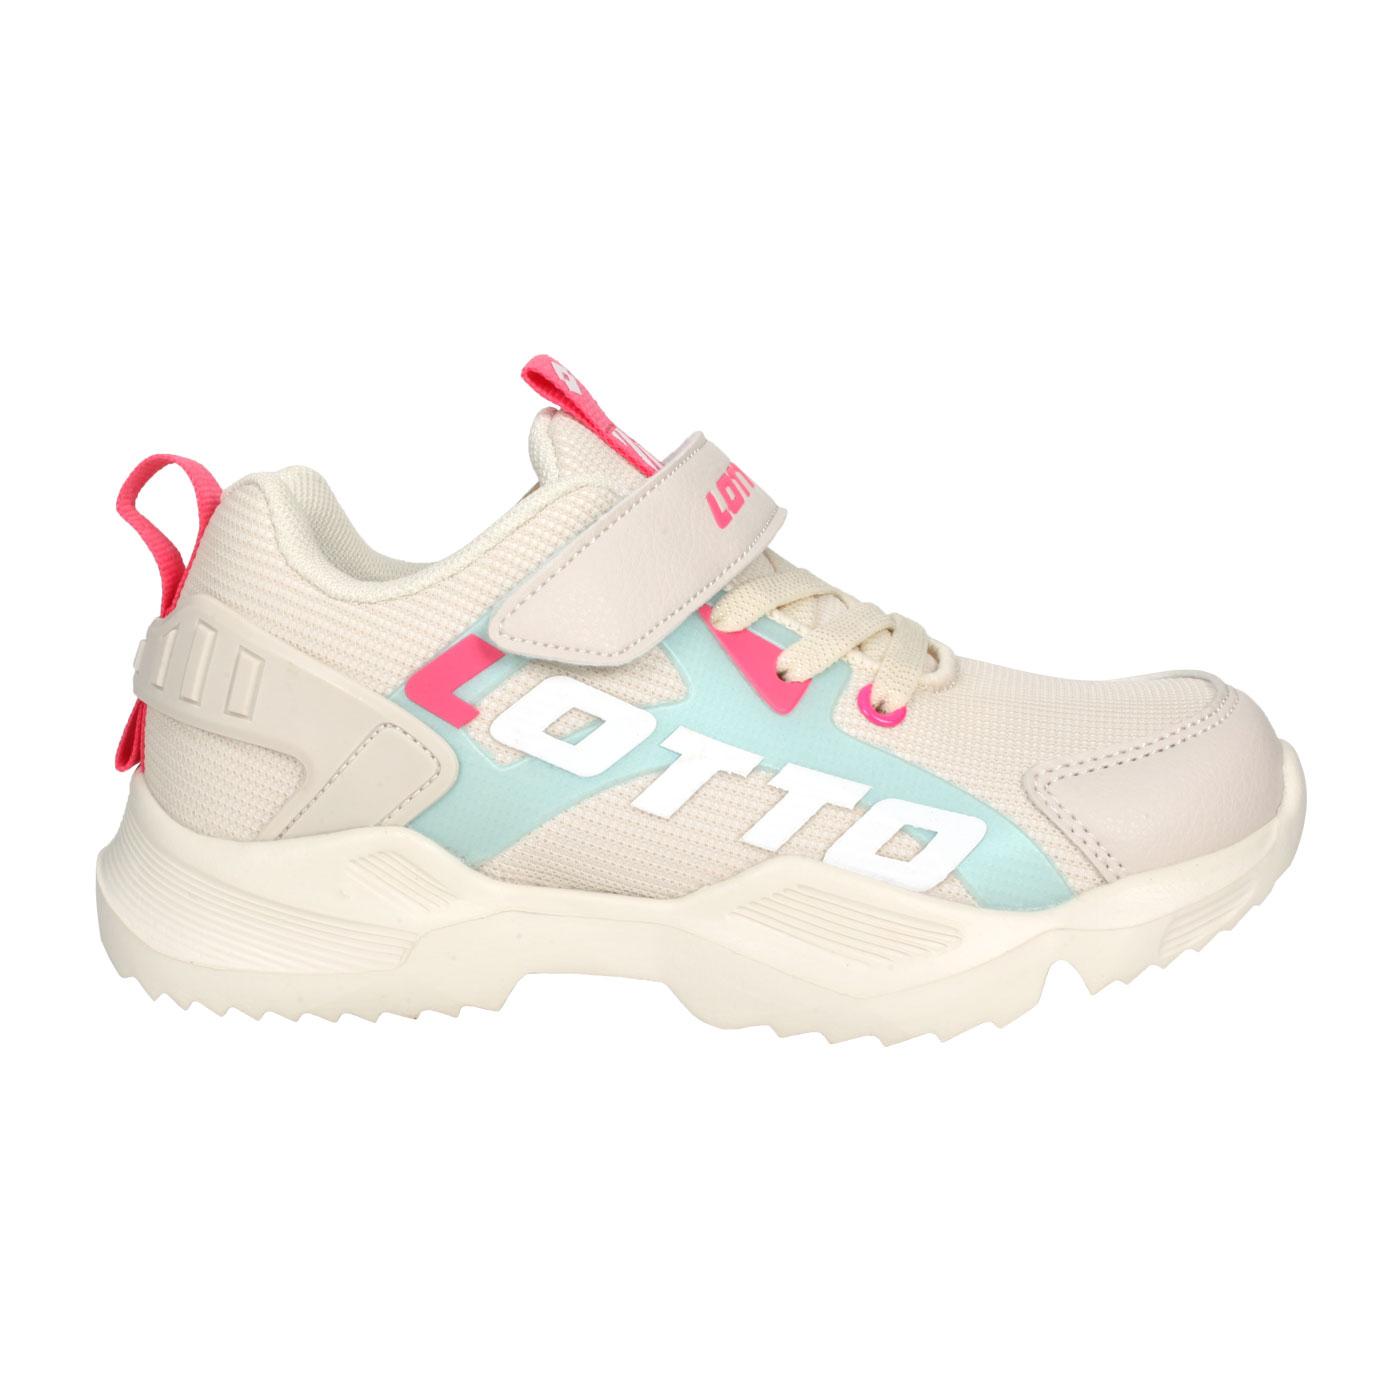 LOTTO 中童輕量慢跑鞋 LT0AKR1791